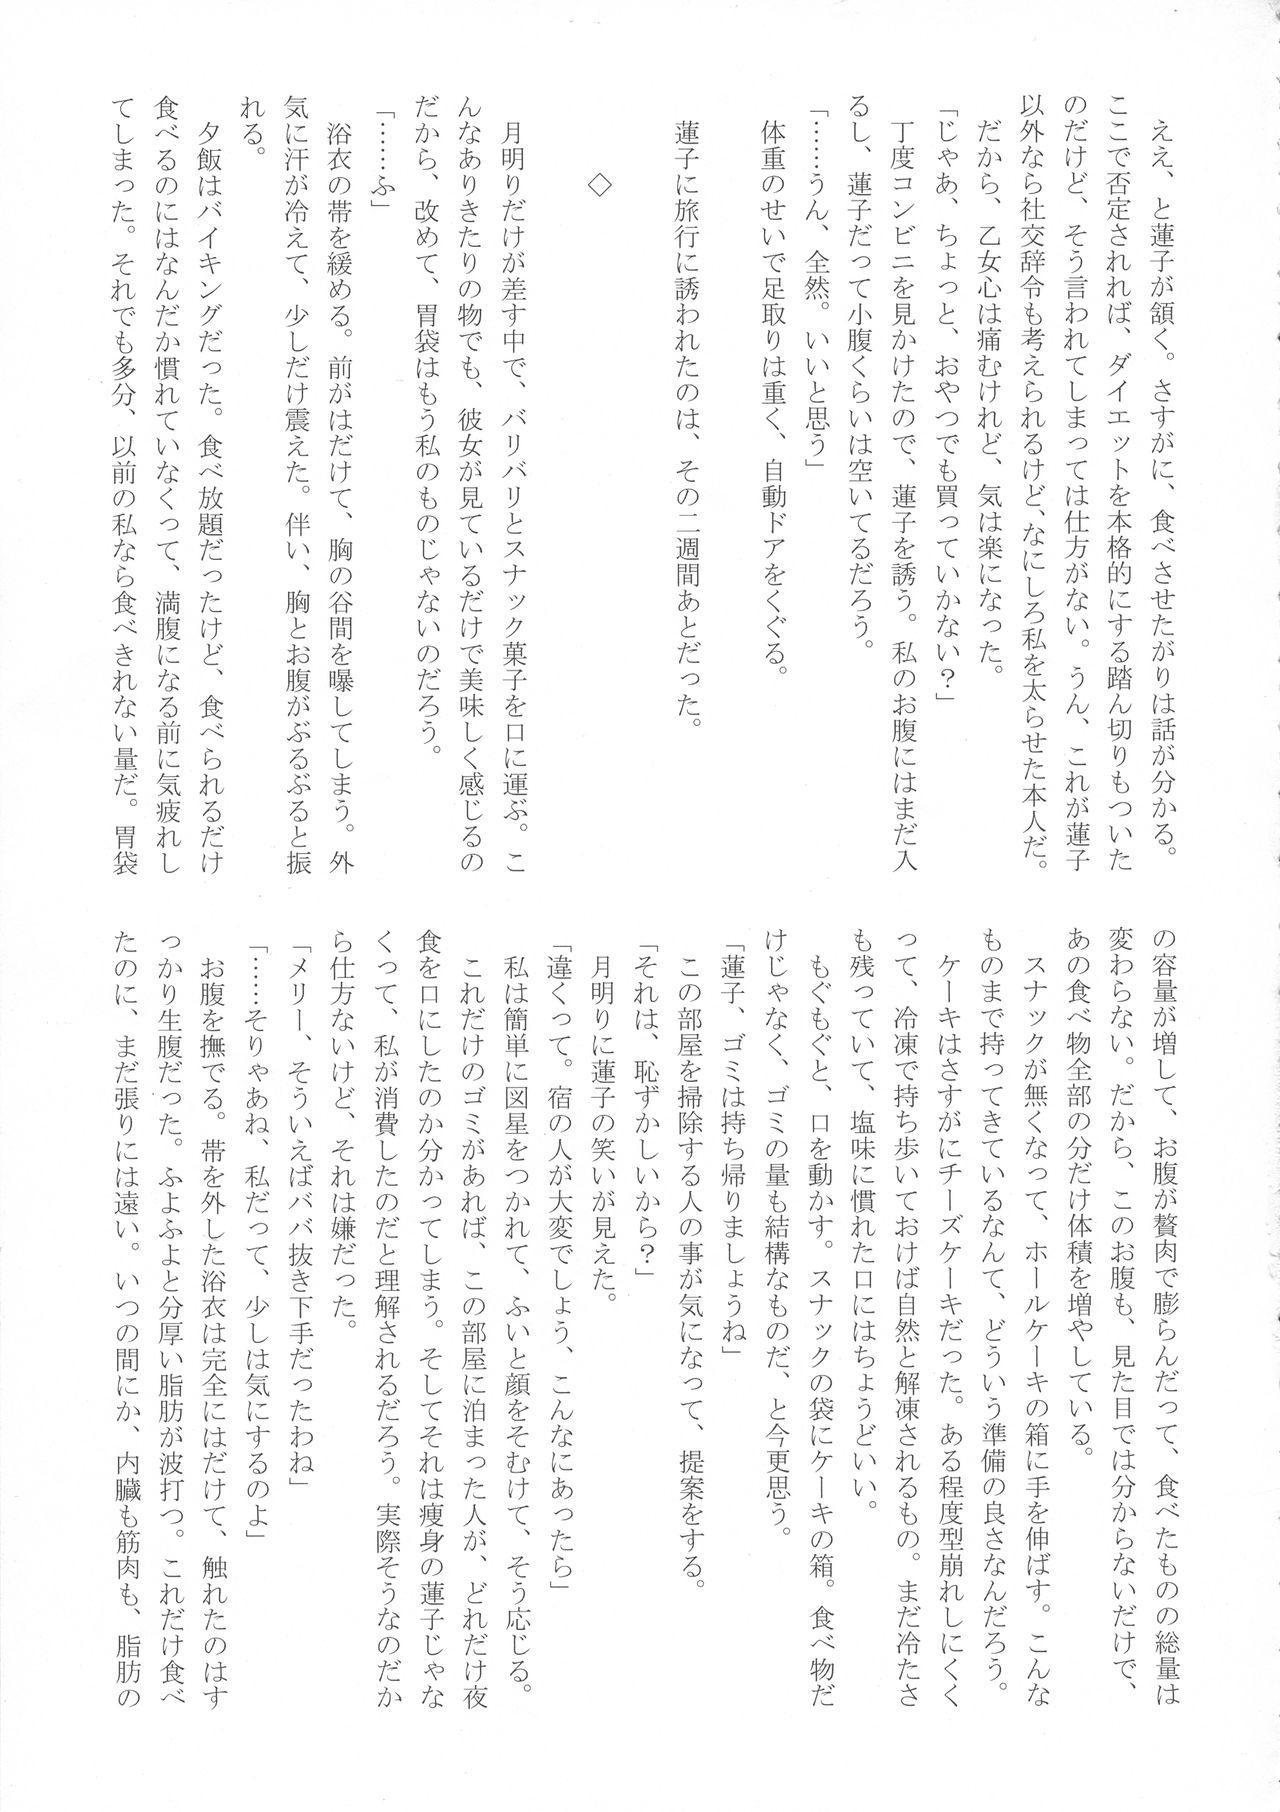 (Reitaisai 15) [HORIC WORKS (Various)] Touhou Bouchou-kei Sougou Goudou-shi `Boujo 2!!!!!!!!' (Touhou Project) 73